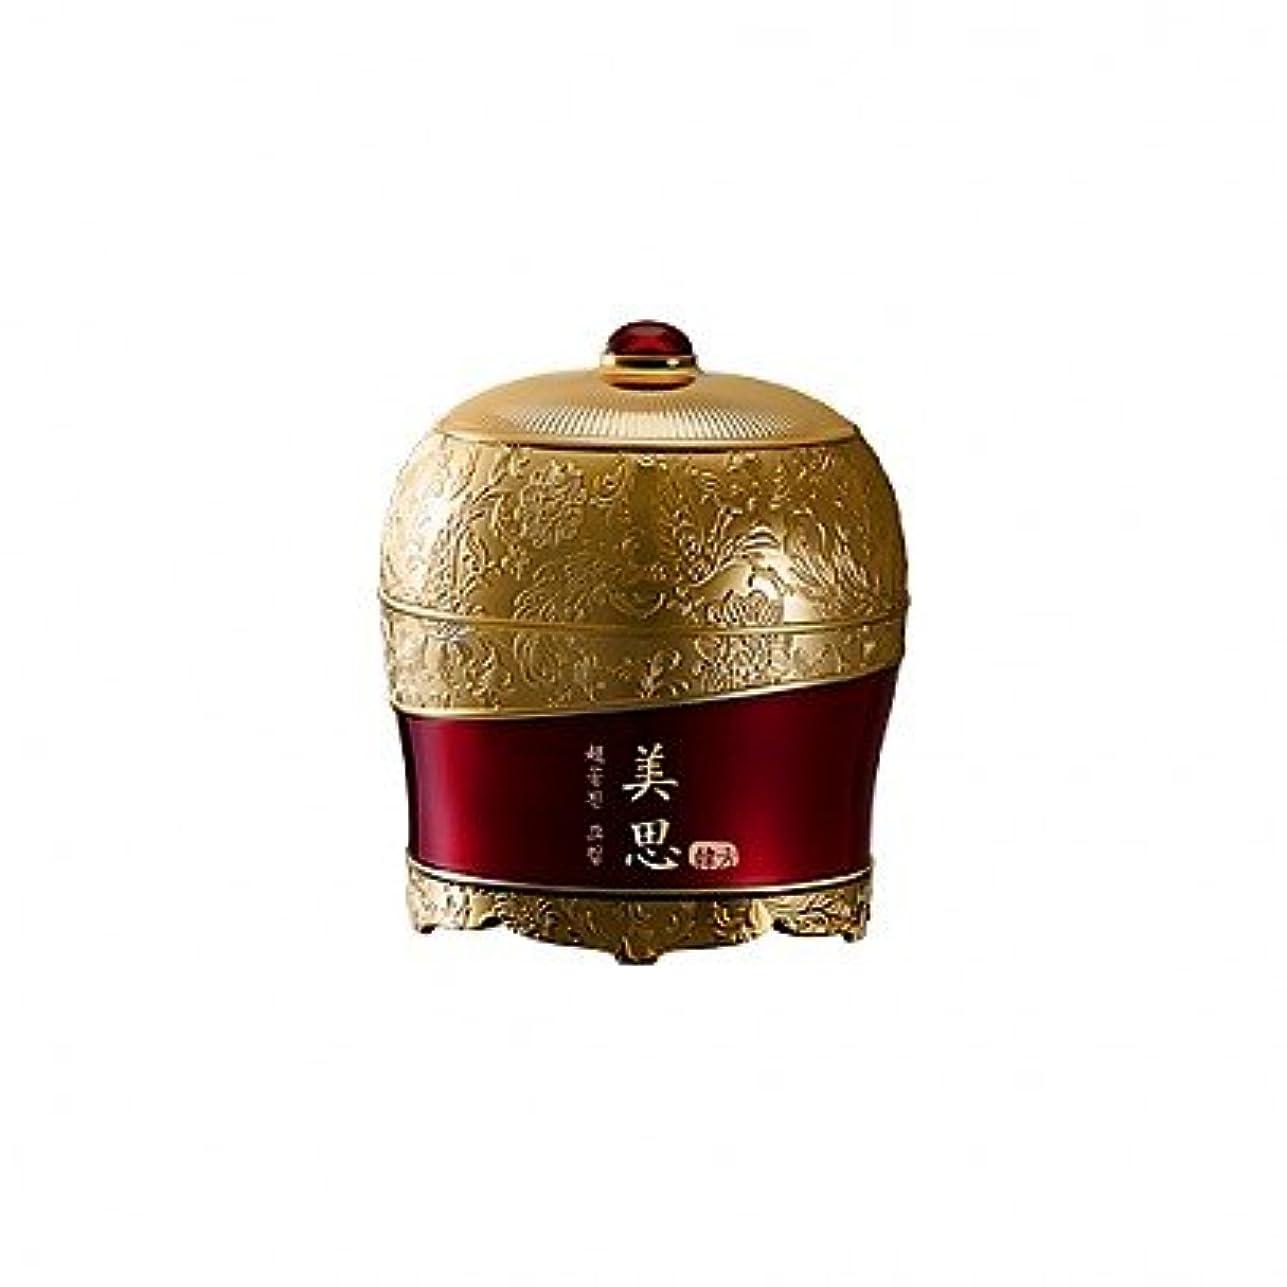 性的独裁者配管MISSHA/ミシャ チョゴンジン クリーム (旧チョボヤン) 60ml[海外直送品]